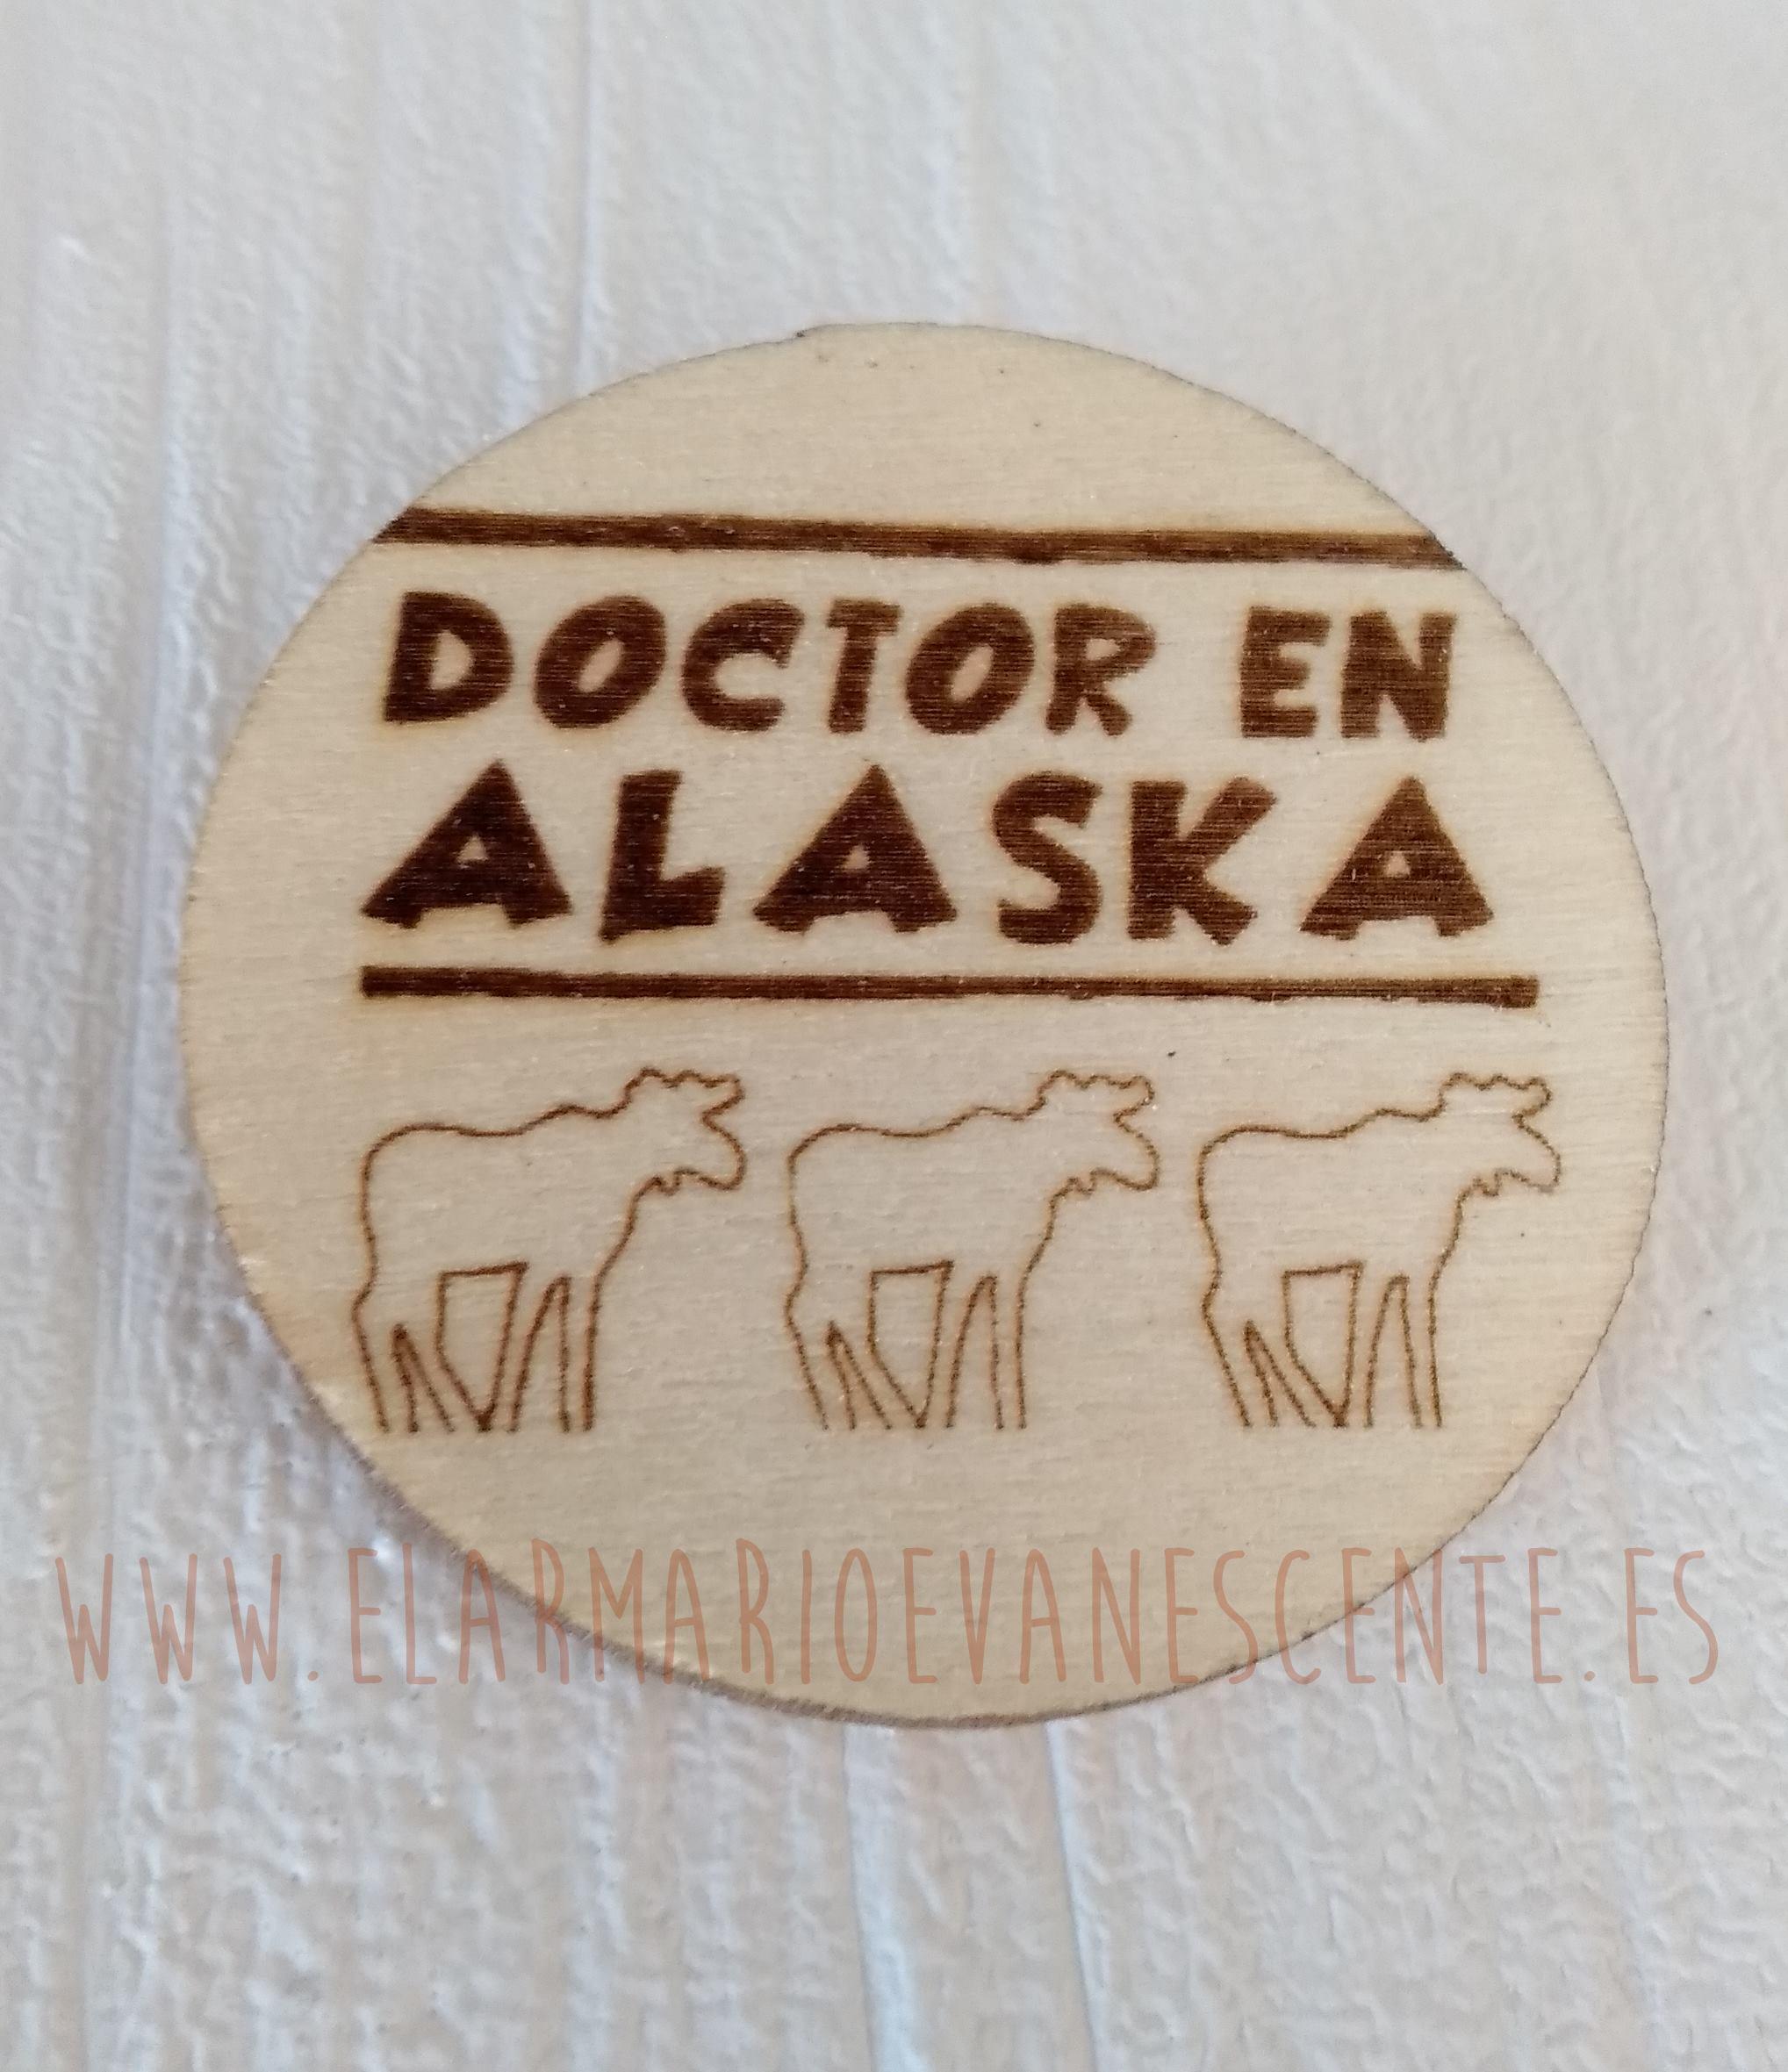 Broche Doctor en Alaska renos blancos grande